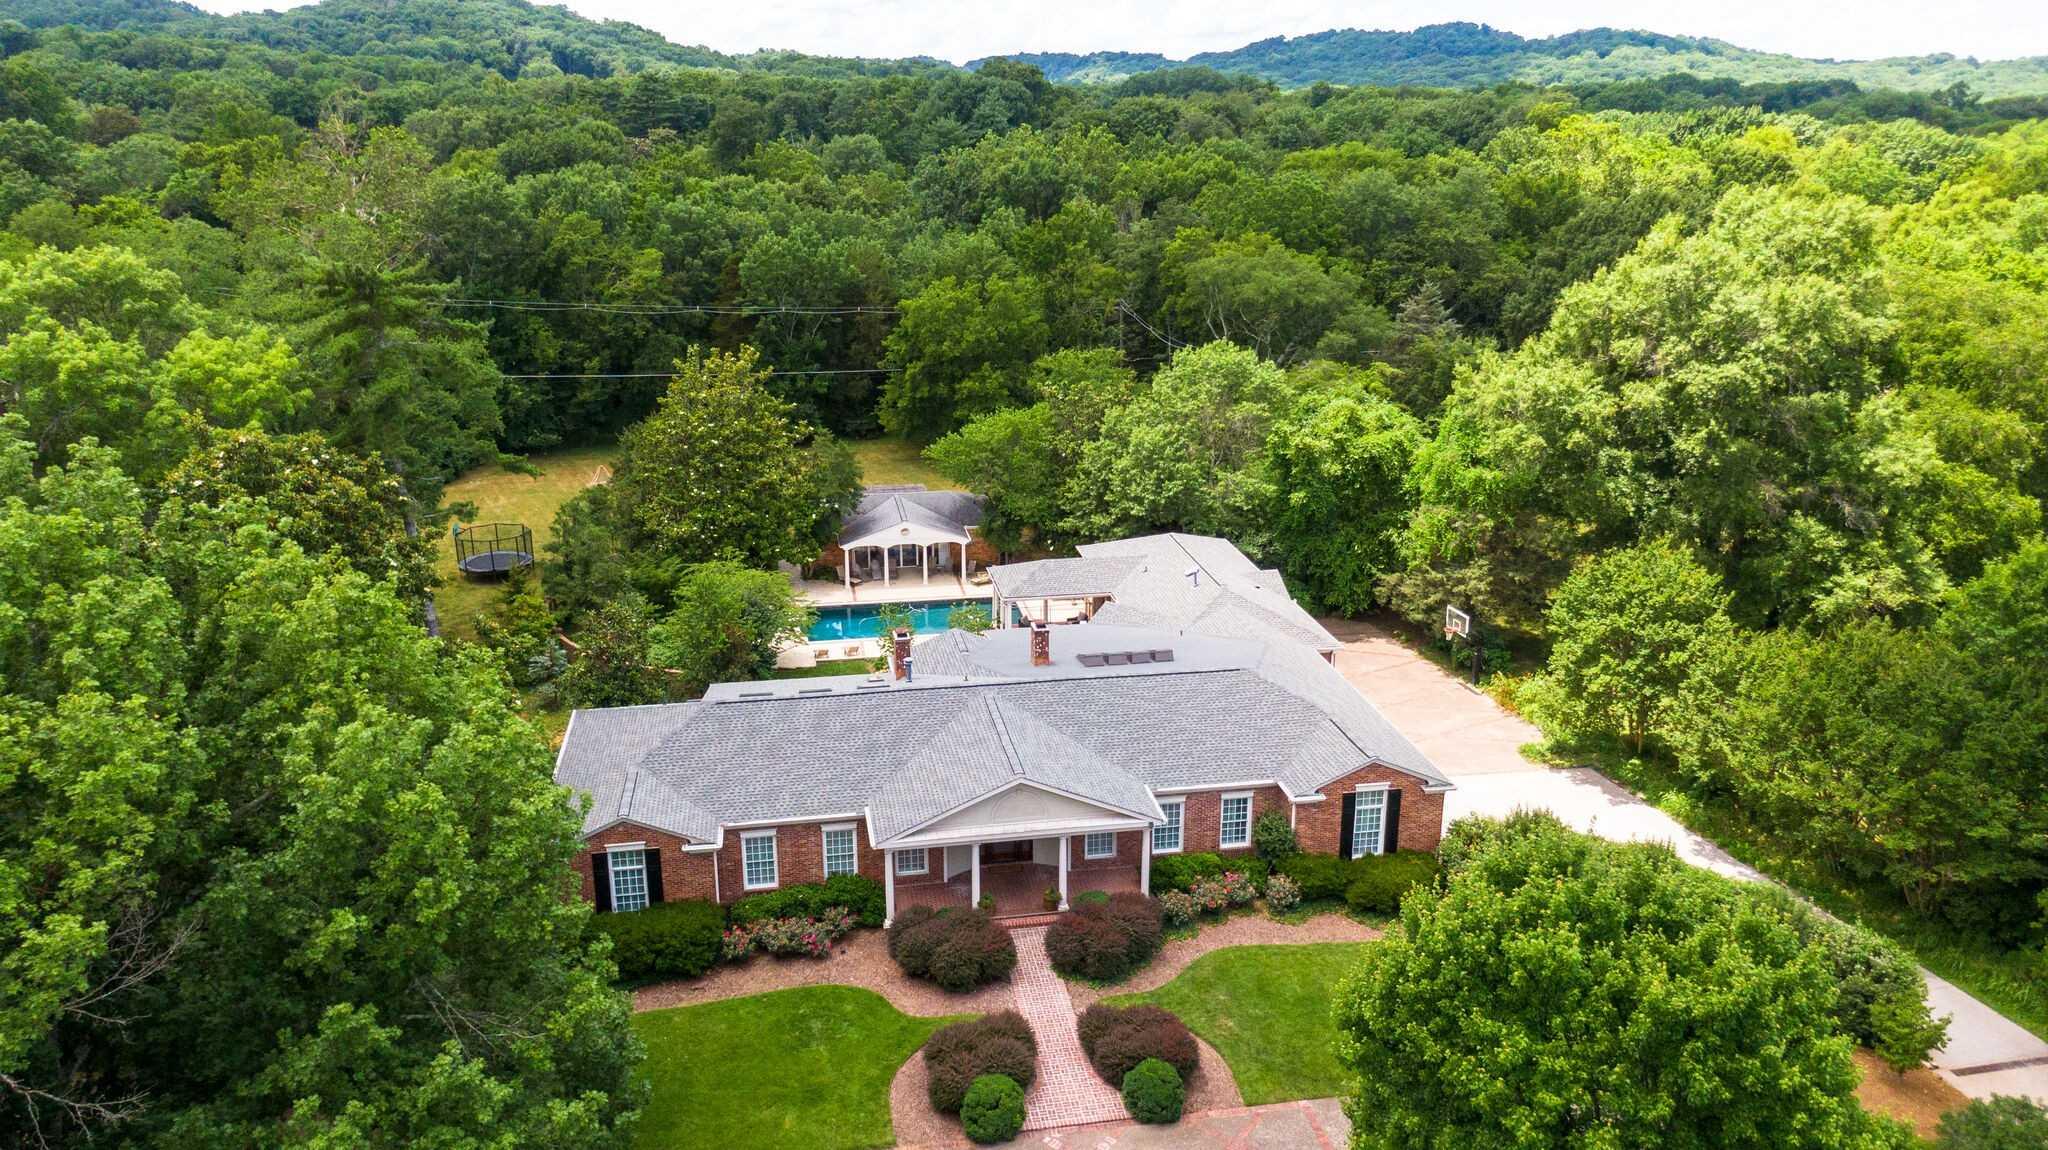 $3,295,000 - 5Br/8Ba -  for Sale in Belle Meade, Nashville